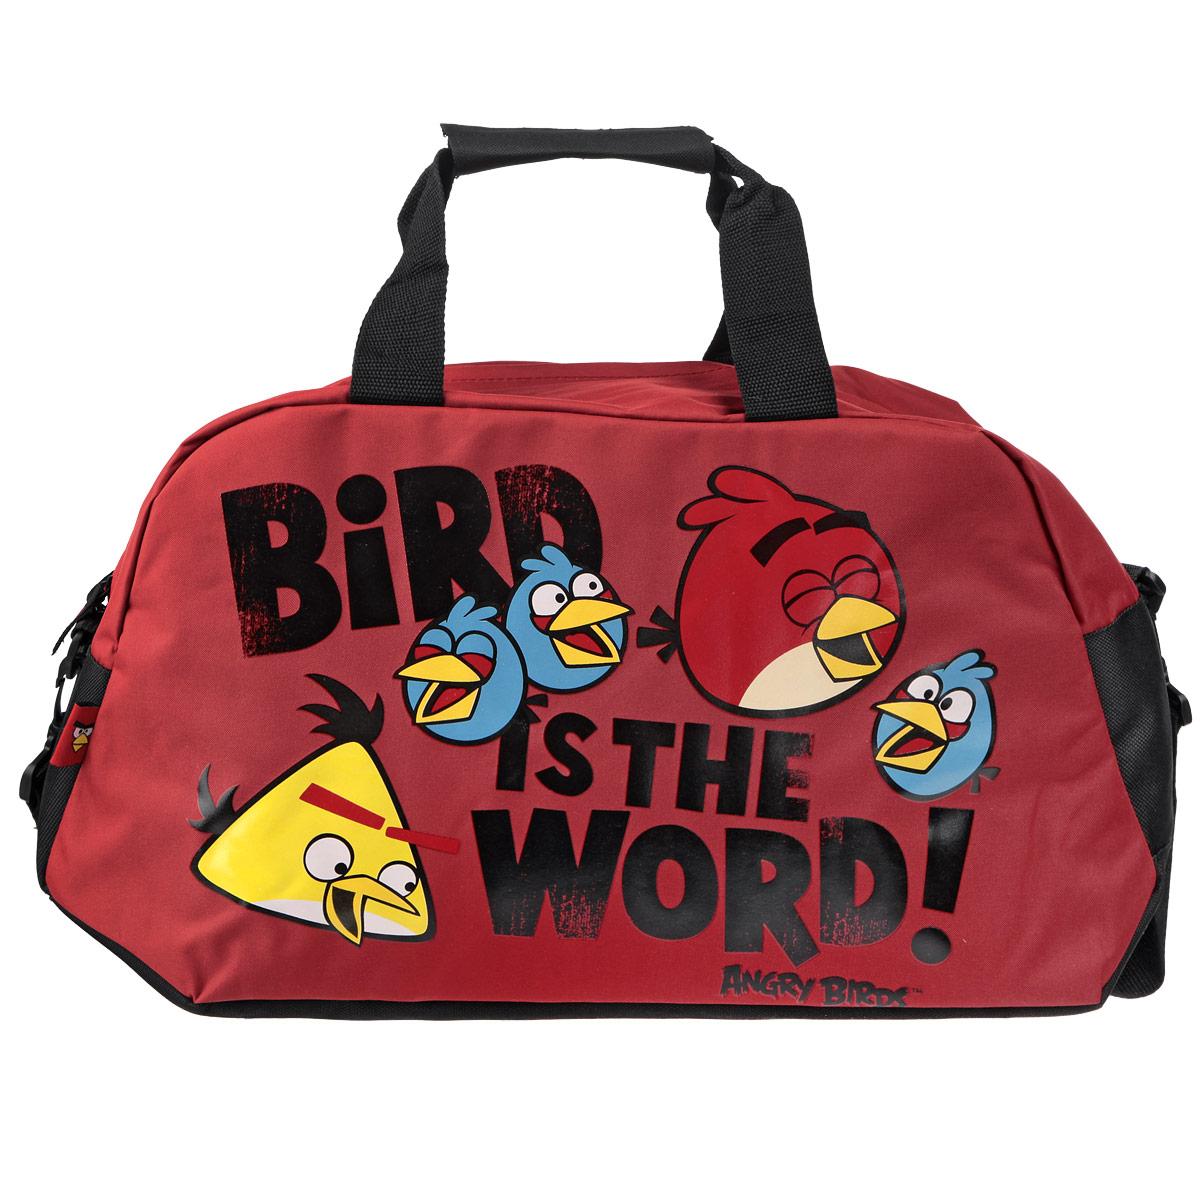 Сумка спортивная Angry Birds, цвет: красныйLT15-SBT-09Спортивная сумка Angry Birds предназначена для переноски спортивных вещей, обуви и инвентаря. Сумка выполнена из прочного полиэстера и оформлена ярким принтом с изображением героев игры Angry Birds. Сумка имеет одно вместительное отделение, закрывающееся на застежку-молнию. Внутри находятся один карман на молнии и два небольших открытых кармашка под мобильный телефон. Спортивная сумка оснащена двумя текстильными ручками для переноски в руке и плечевым ремнем, регулируемым по длине. В этой сумке ваш ребенок с удовольствием будет носить свои вещи и спортивный инвентарь.